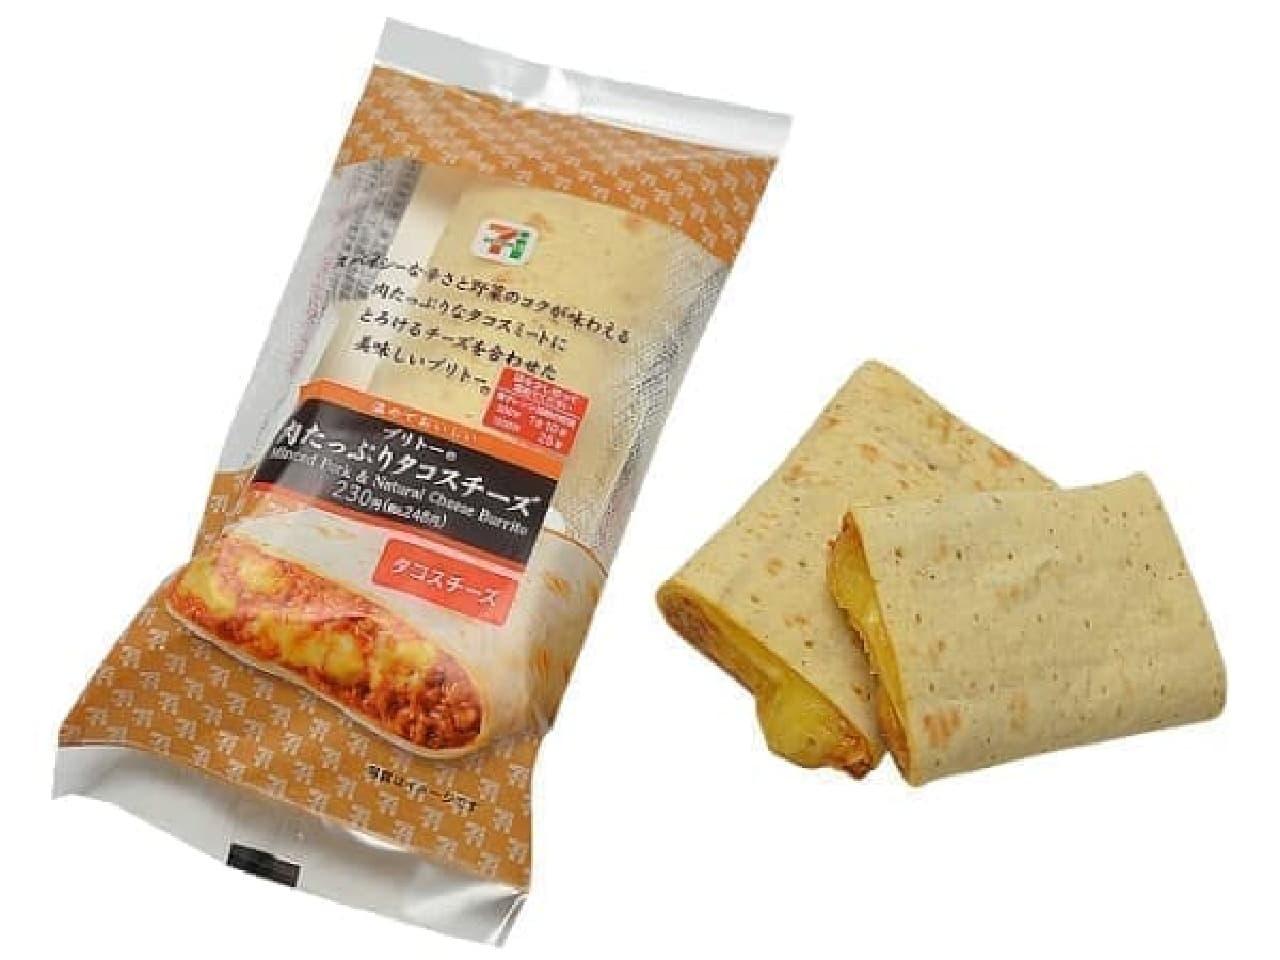 セブン-イレブン「ブリトー肉たっぷりタコスチーズ」